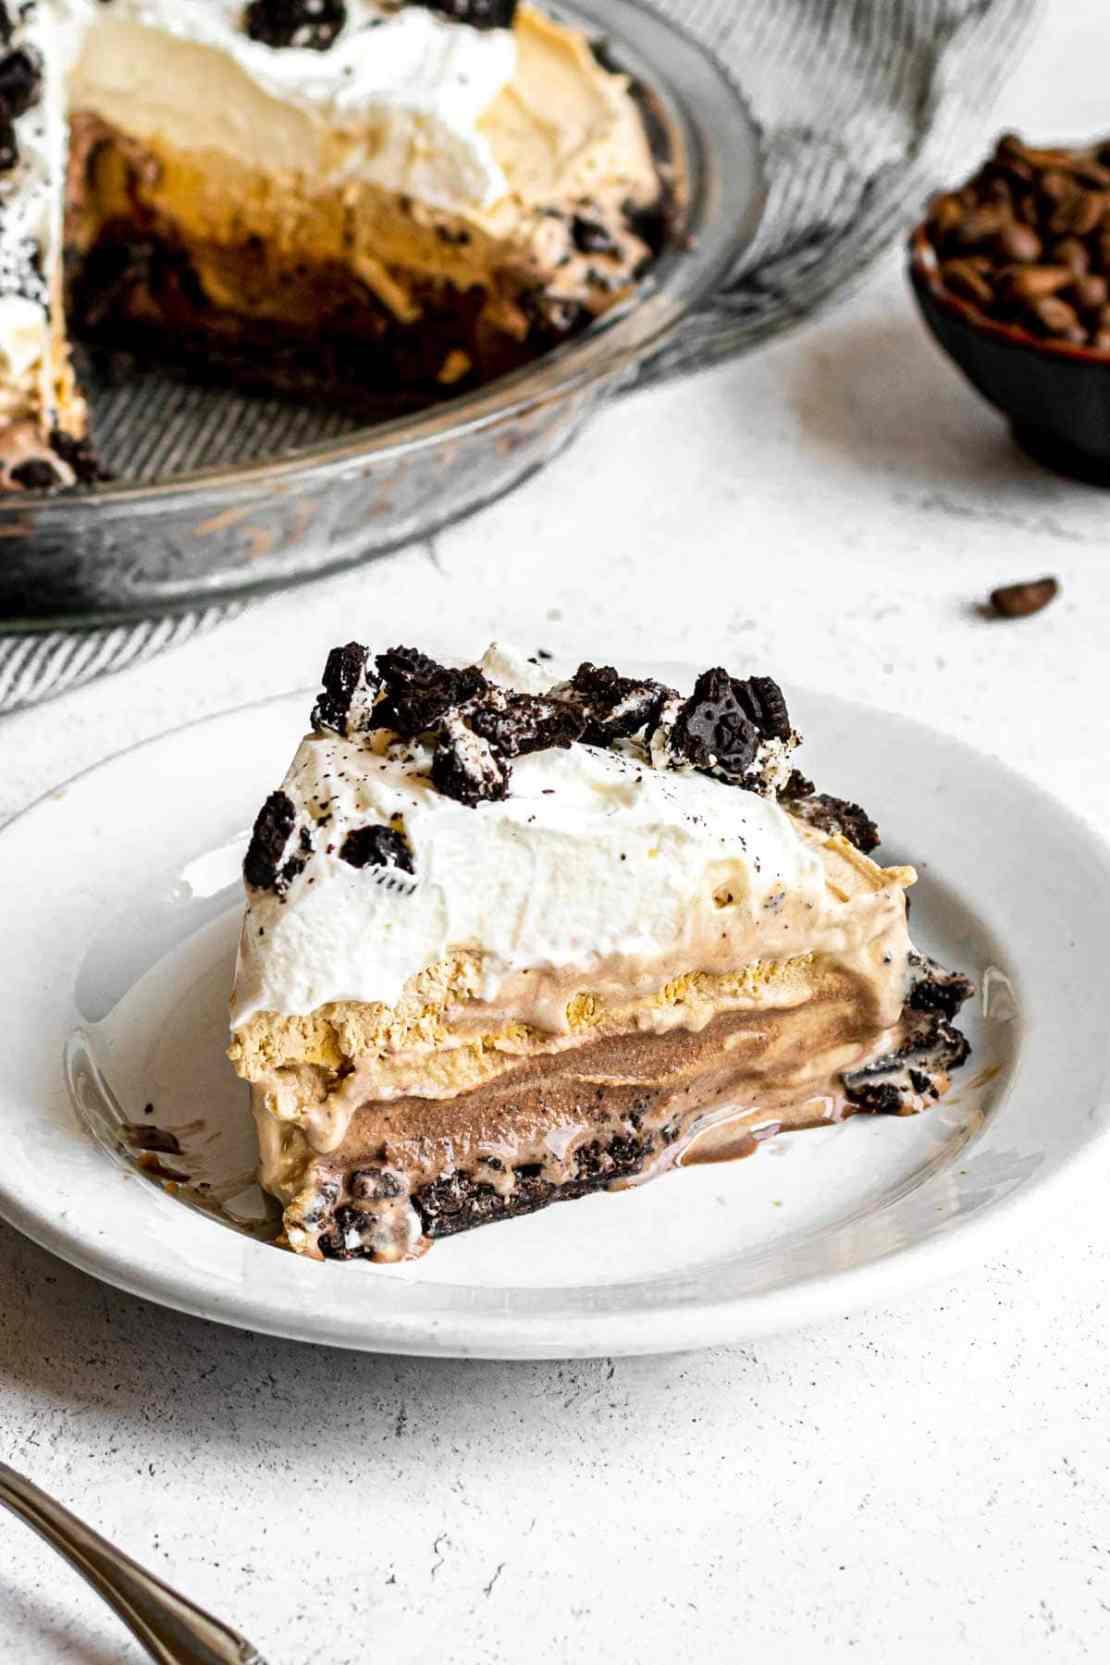 Frozen Mud Pie slice on serving plate